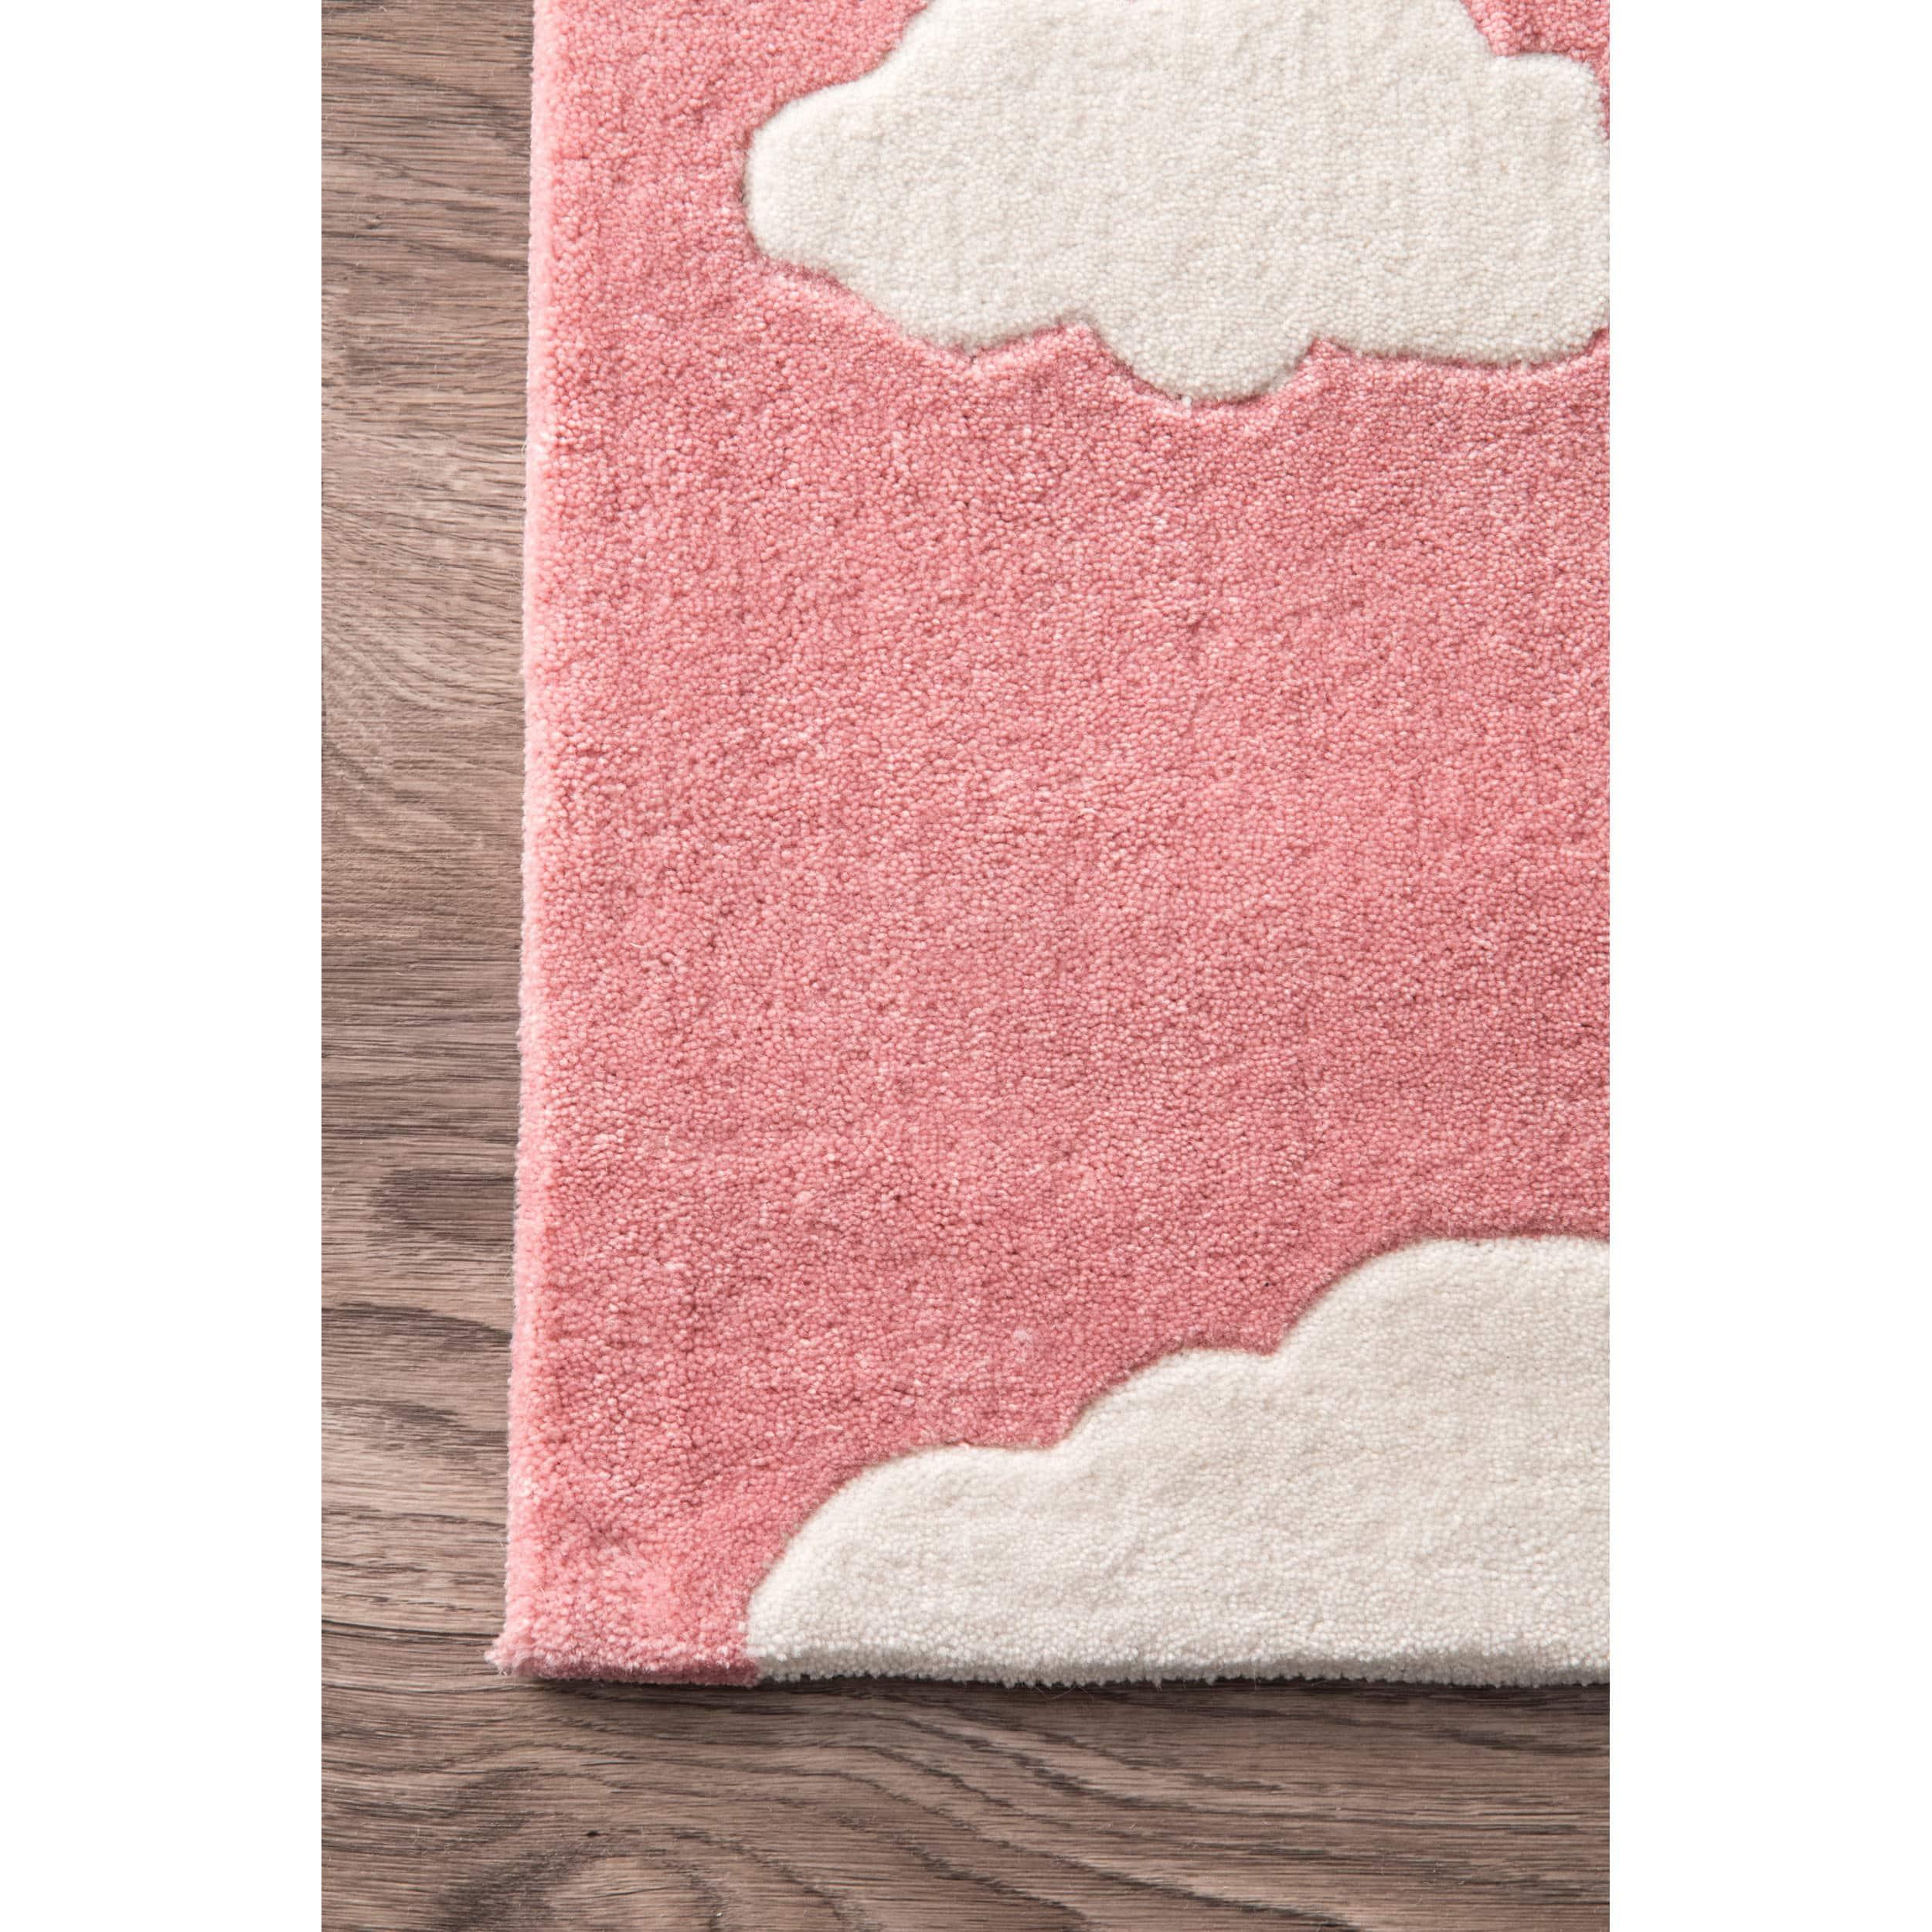 Handmade Crochet Rug Pink Rug Pink Carpet Nursery: Runner Rugs For Less